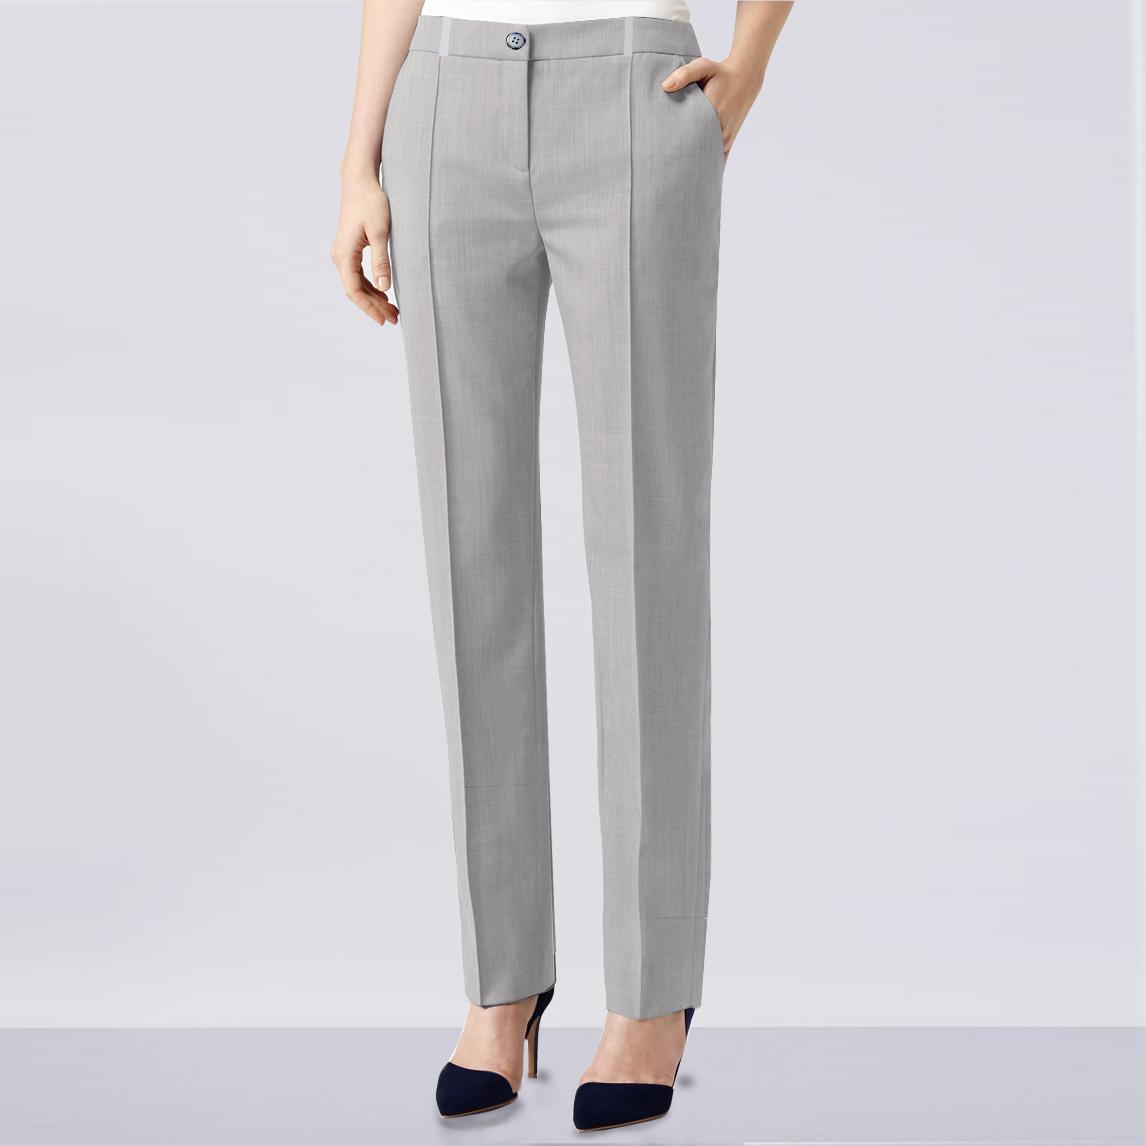 Quần T¢y C´ng Sá Ÿ Q02 Buy sell online Pants with cheap price #1: 86a47e759d5c8b2043f93c340fe